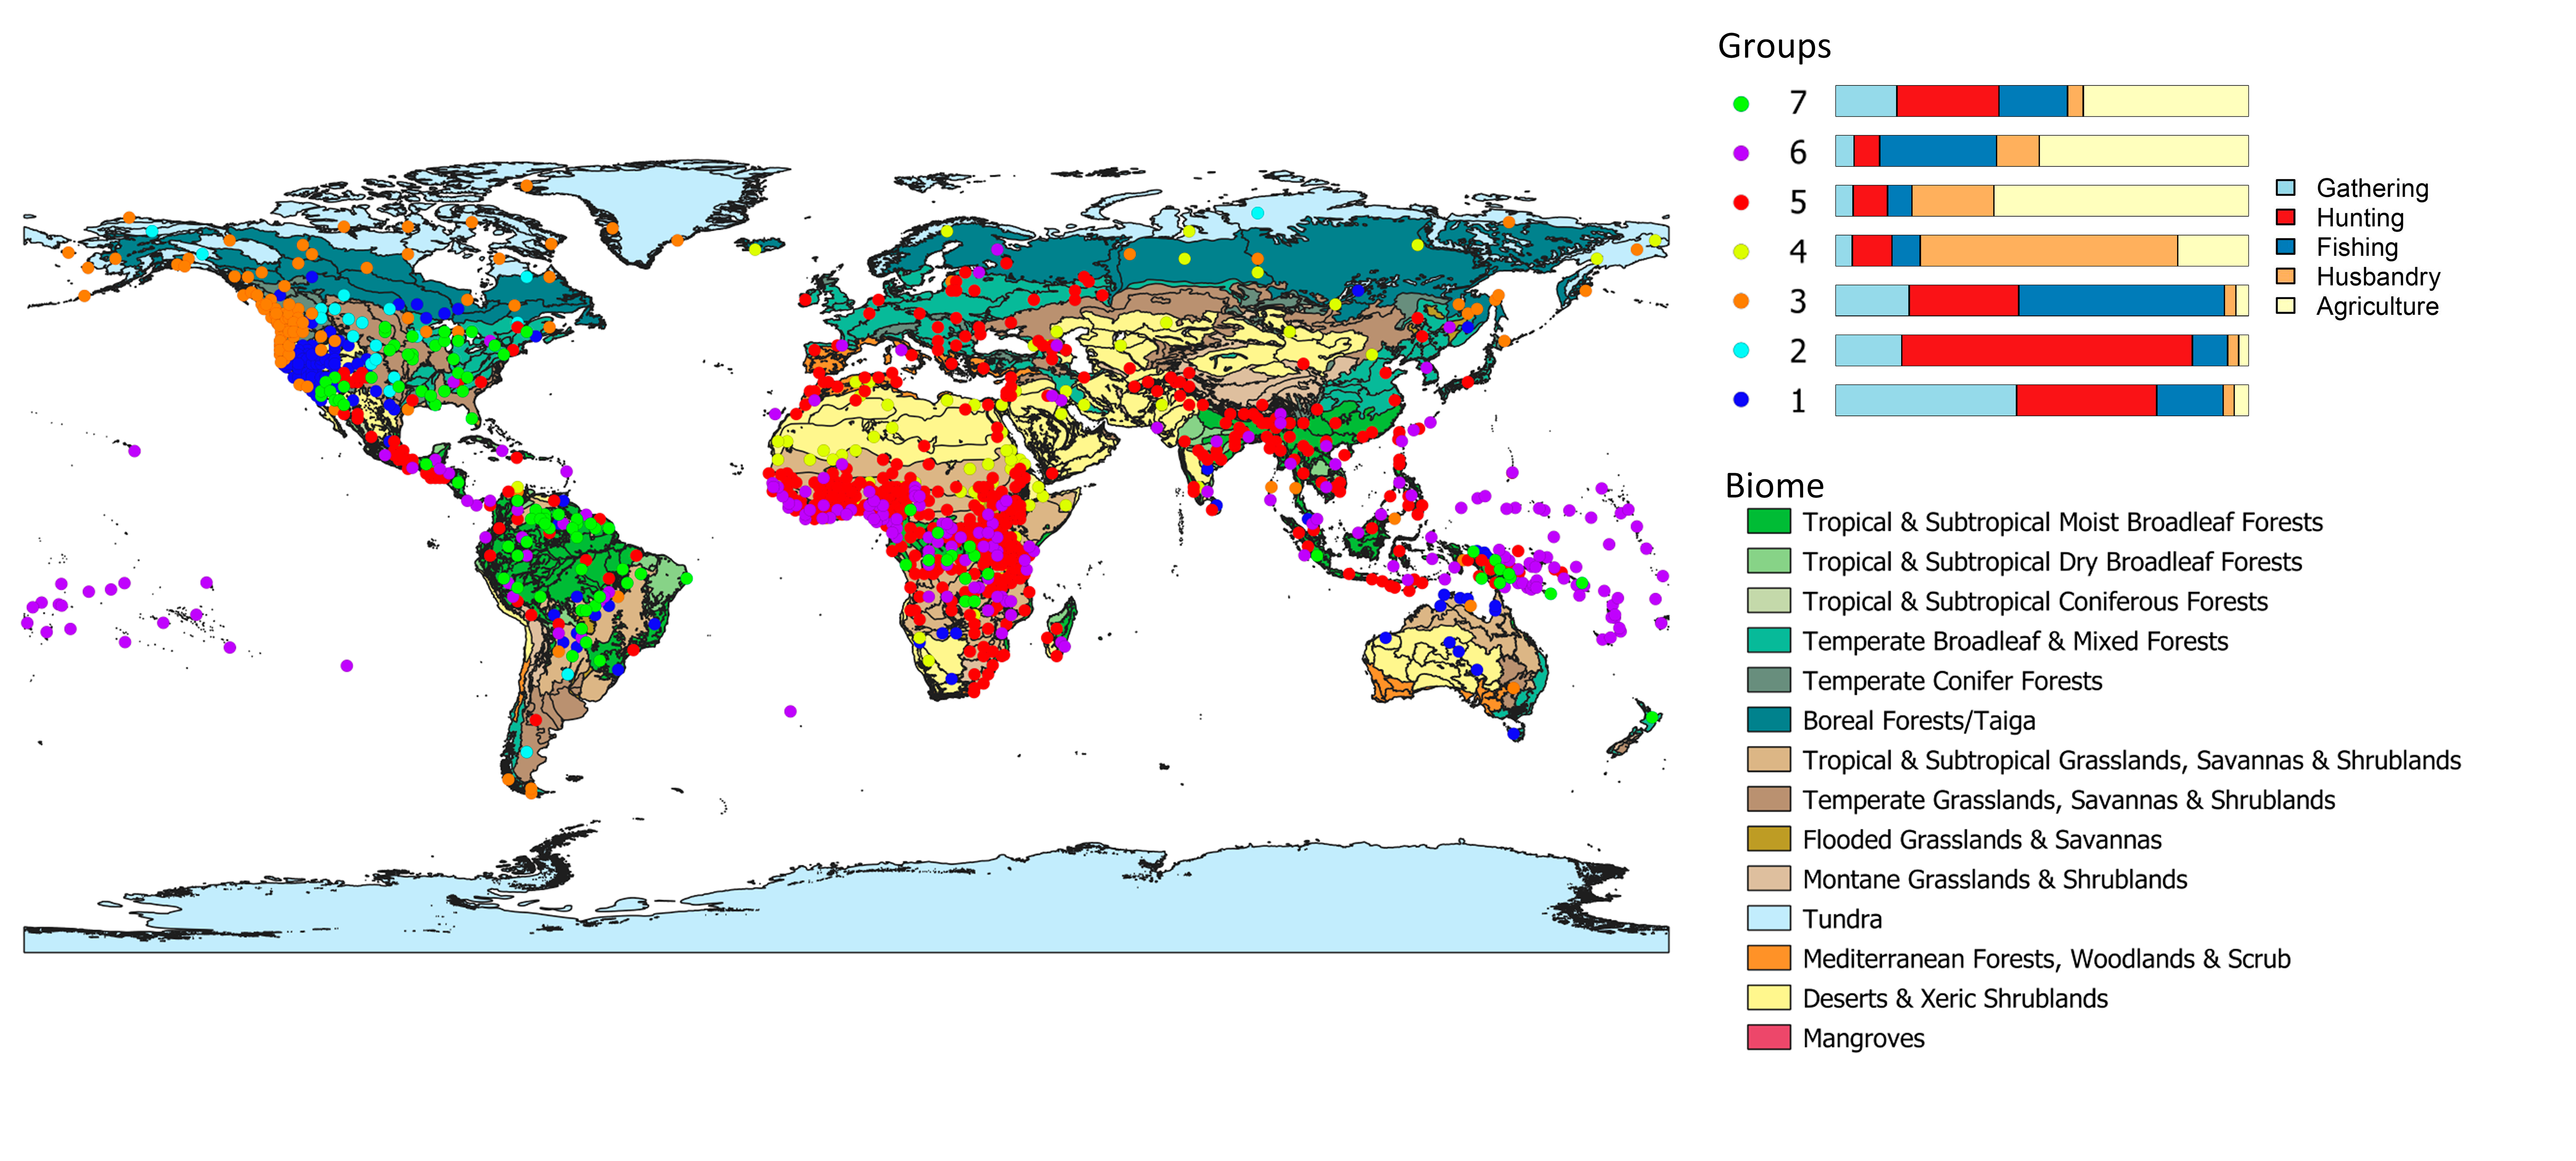 El mapa muestra la distribución de los distintos grupos económicos en los biomas terrestres